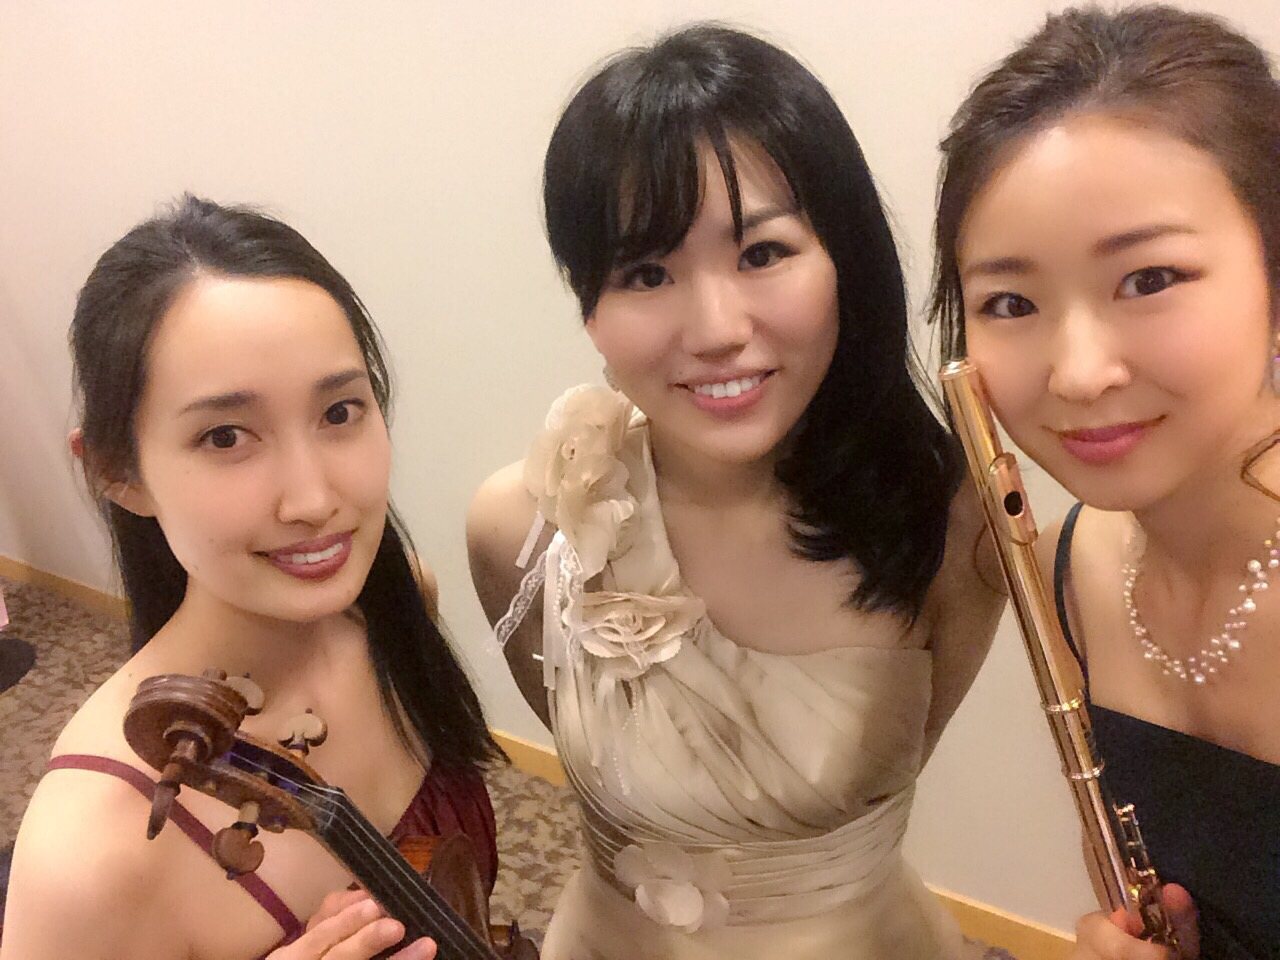 フルート、ヴァイオリン、ピアノの三重奏生演奏でした